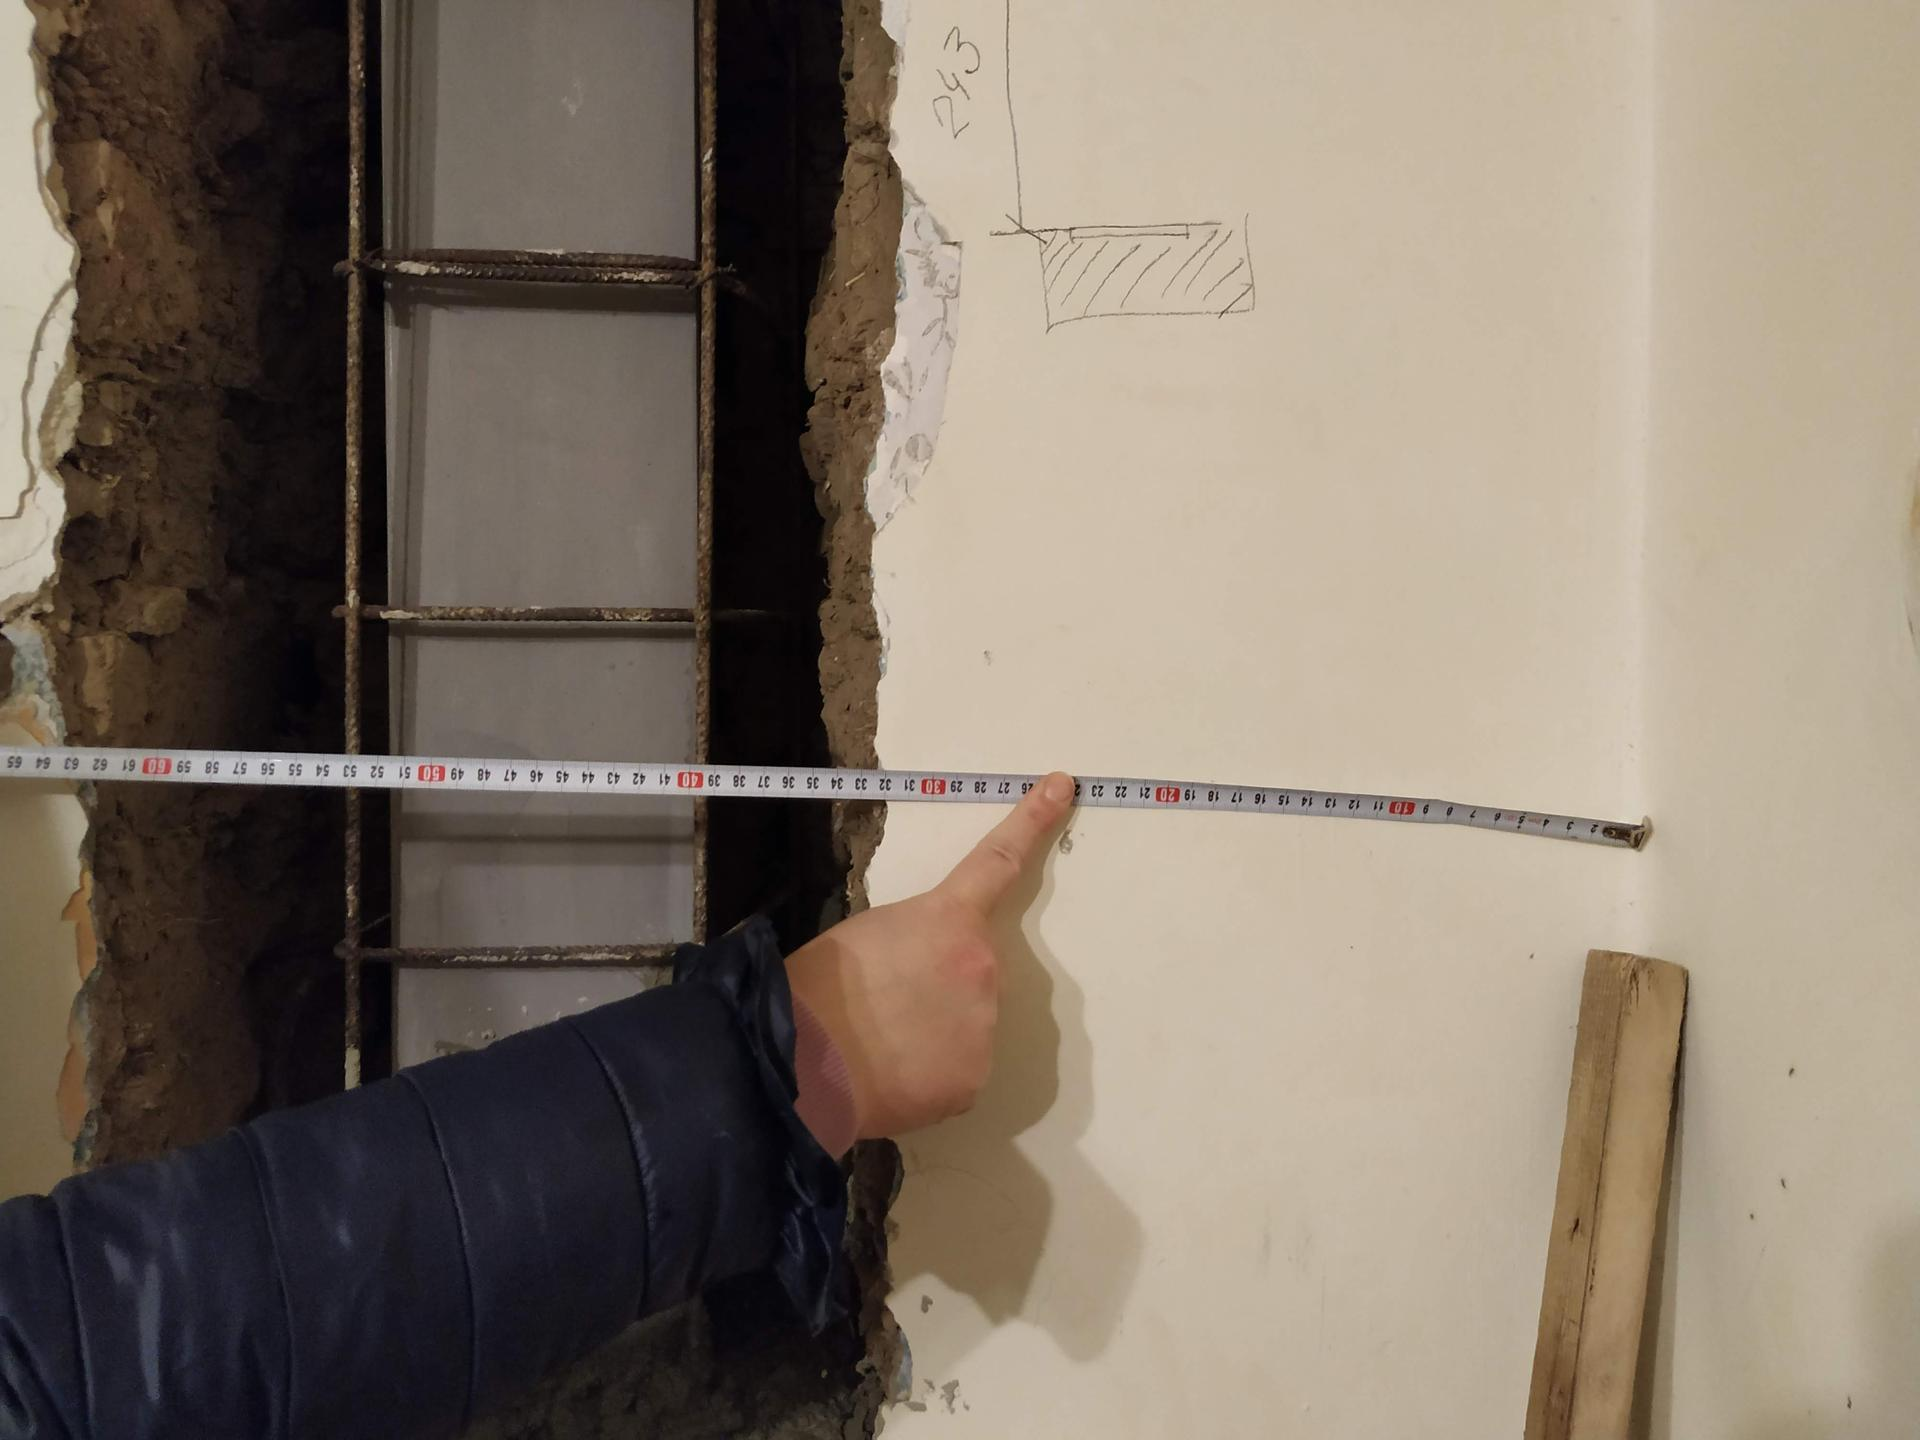 Oporné stĺpy schované, odobrené statikom, hore v podkroví na ne nadviaže ďalšia konštrukcia - Obrázok č. 1